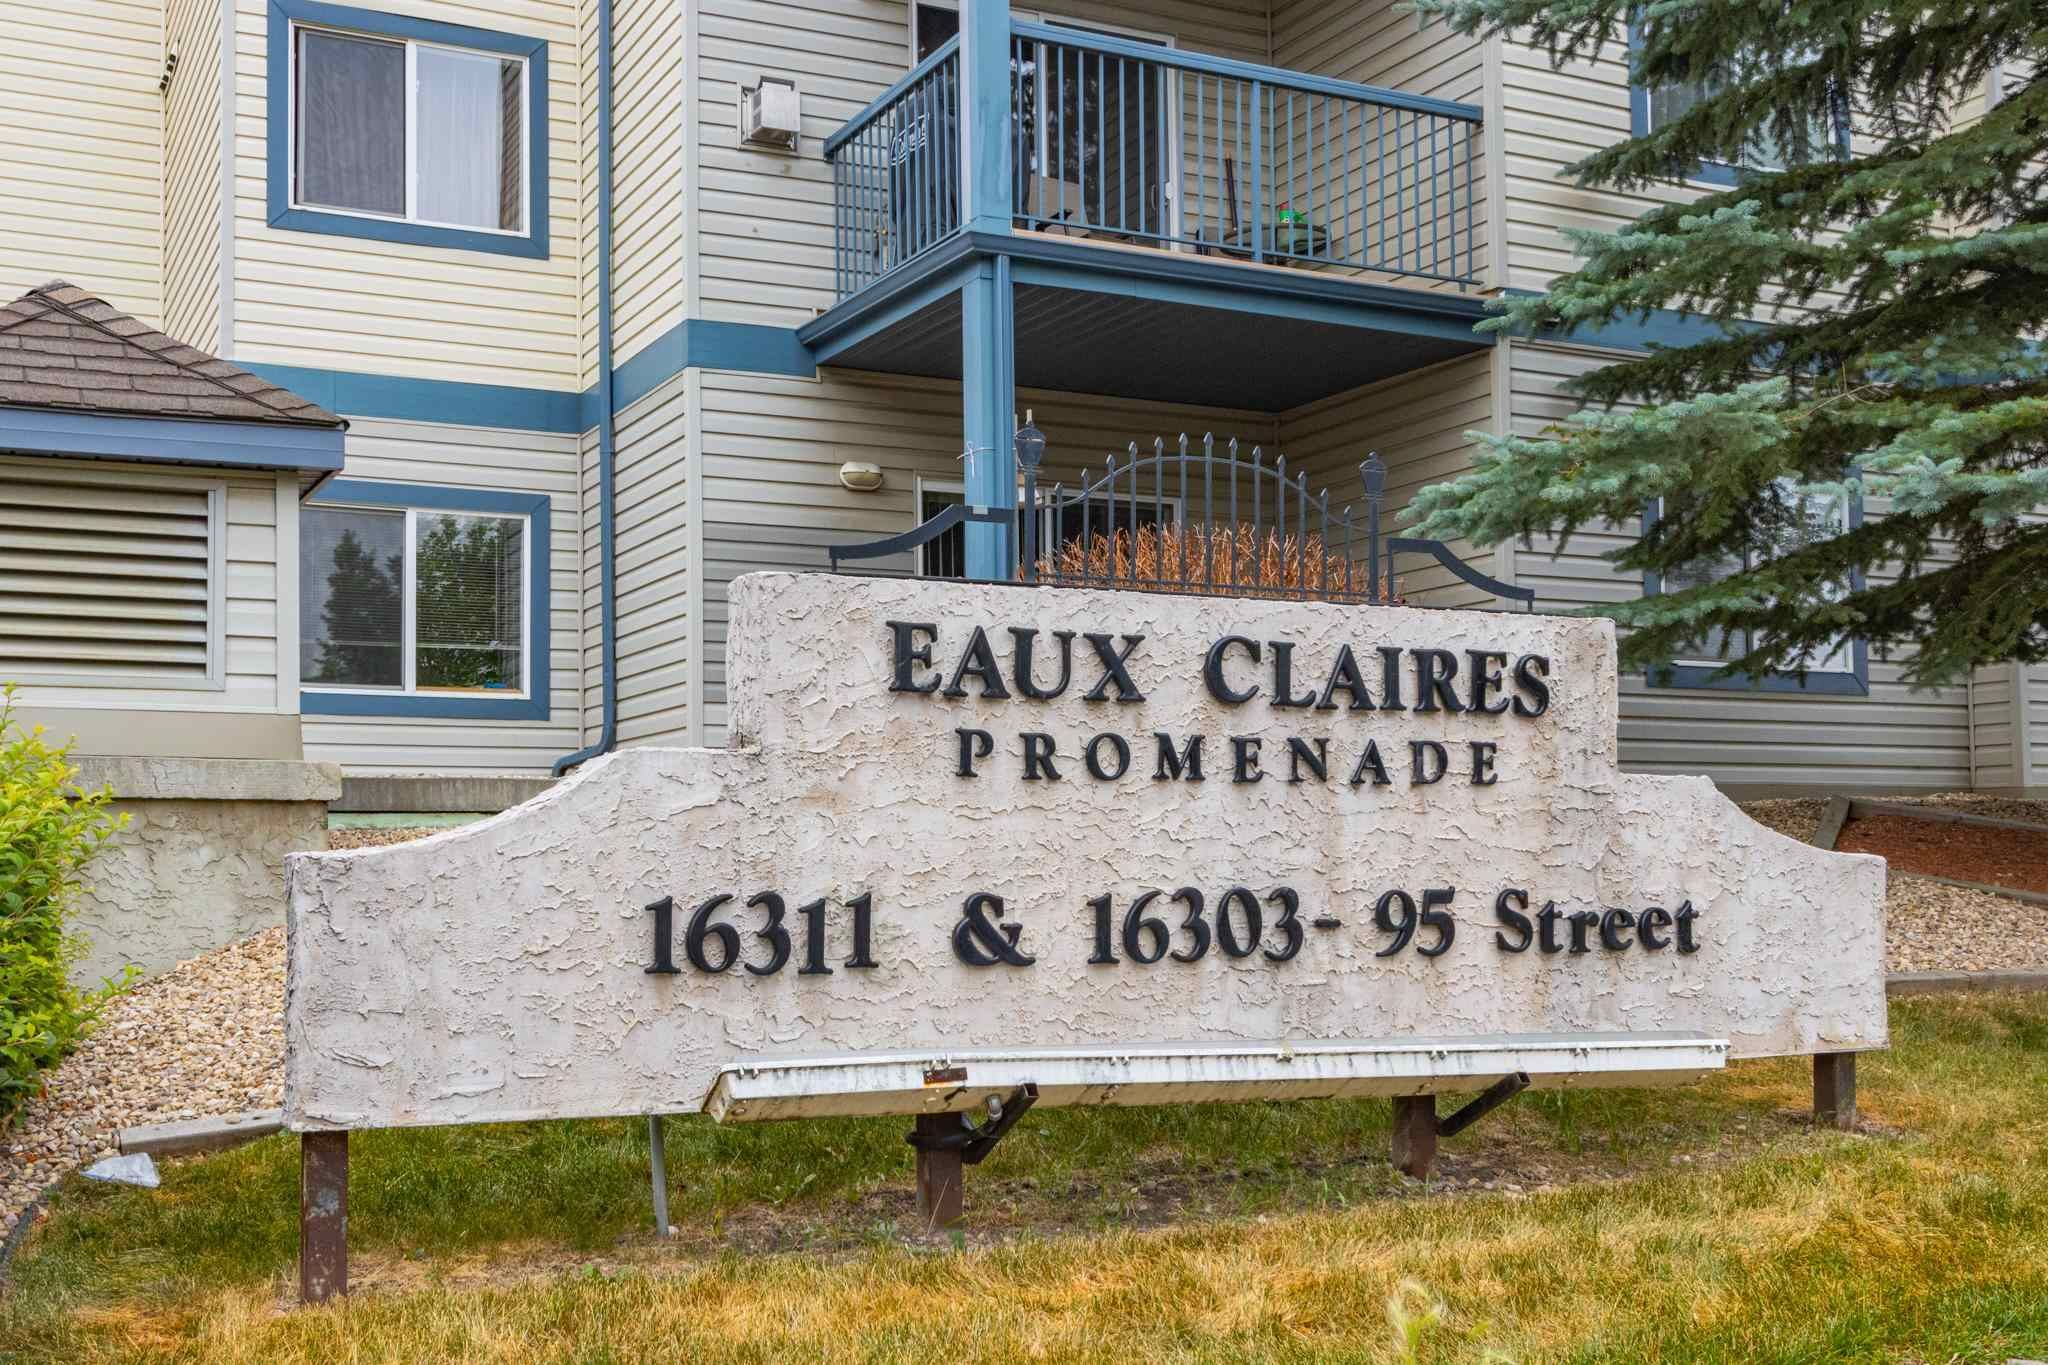 Main Photo: 121 16303 95 Street in Edmonton: Zone 28 Condo for sale : MLS®# E4255638